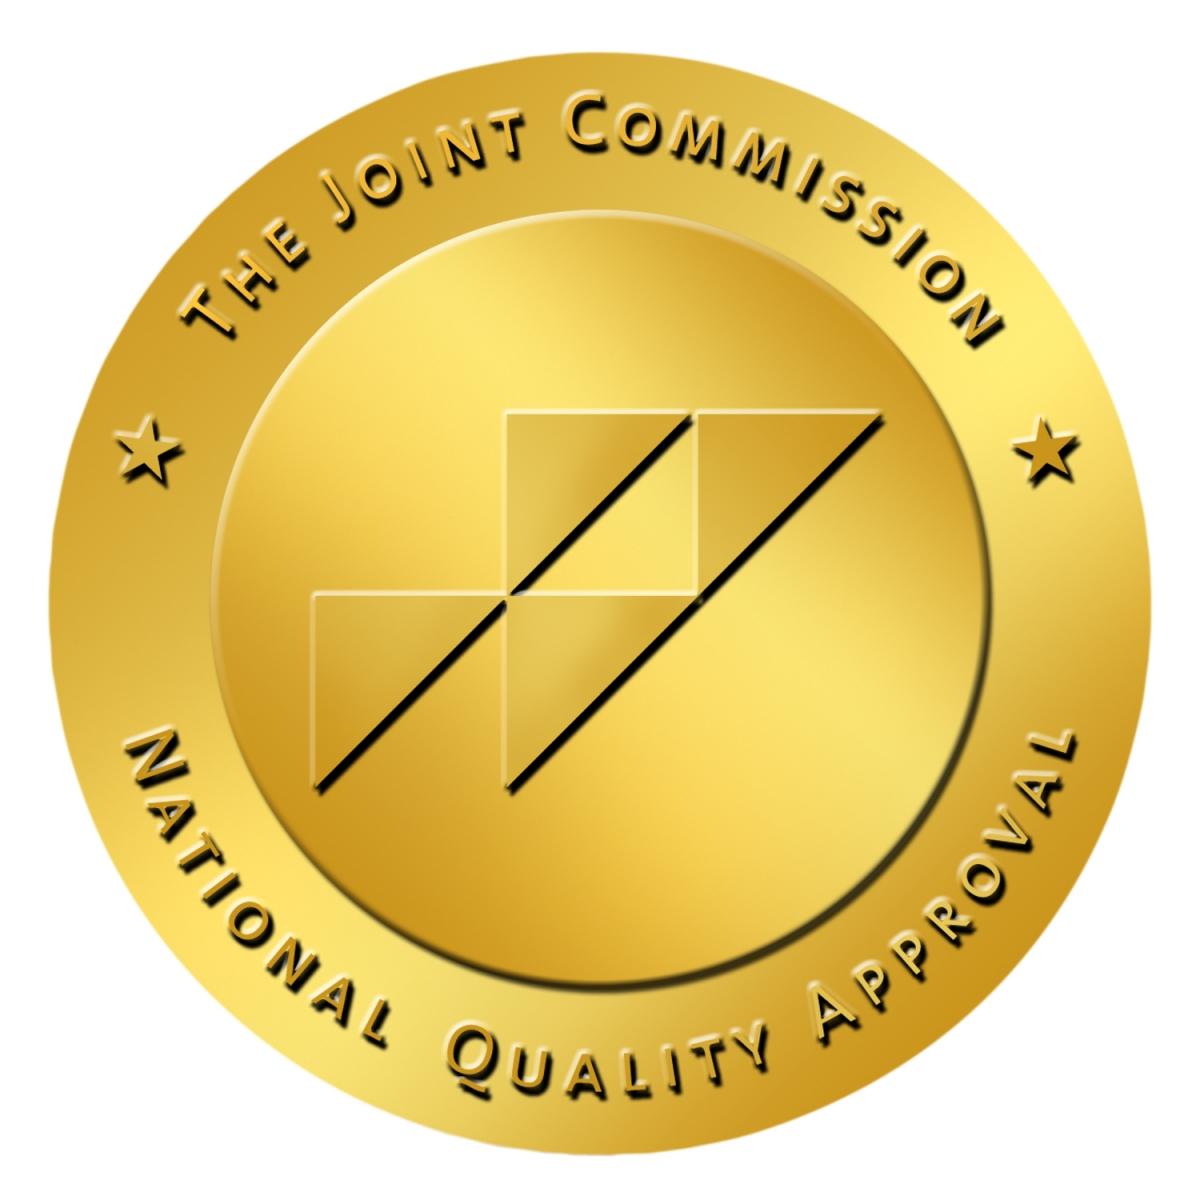 Aprobación de calidad nacional de la Comisión Conjunta